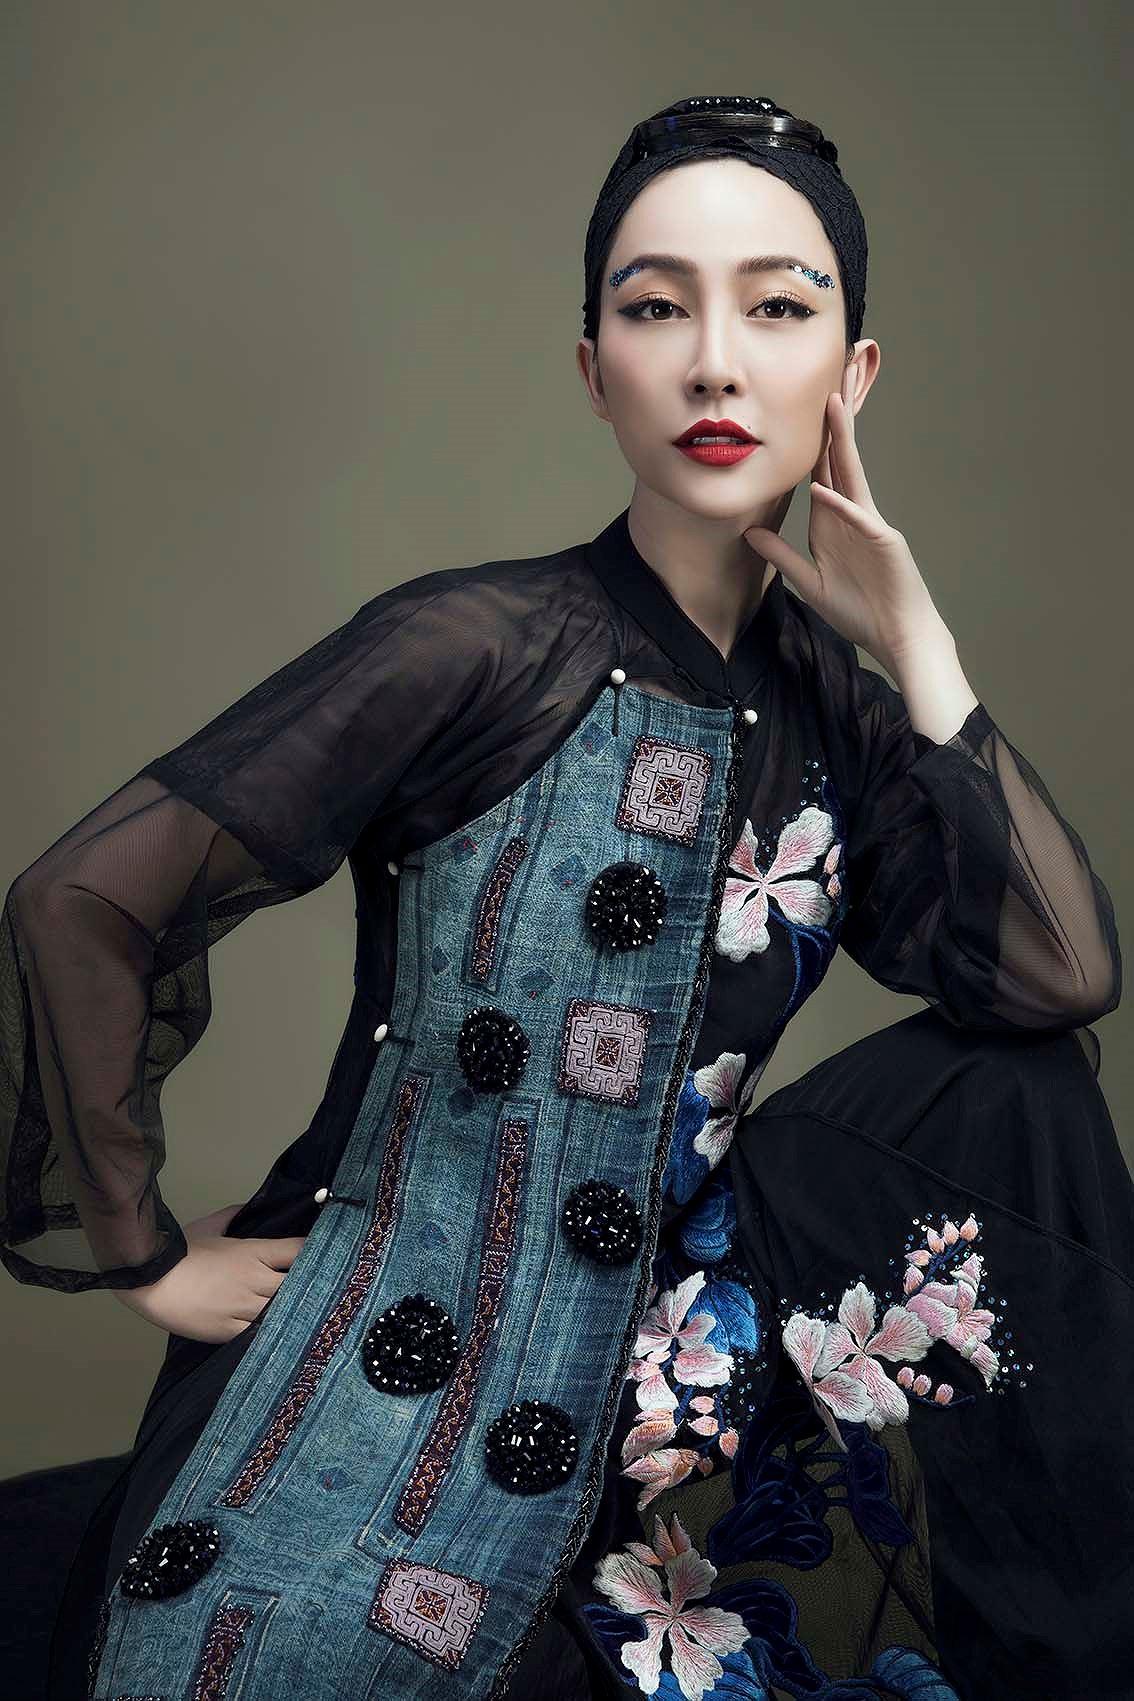 'Chim công làng múa' Linh Nga hóa nàng xuân Tây Bắc với áo dài hoa ban Ảnh 8